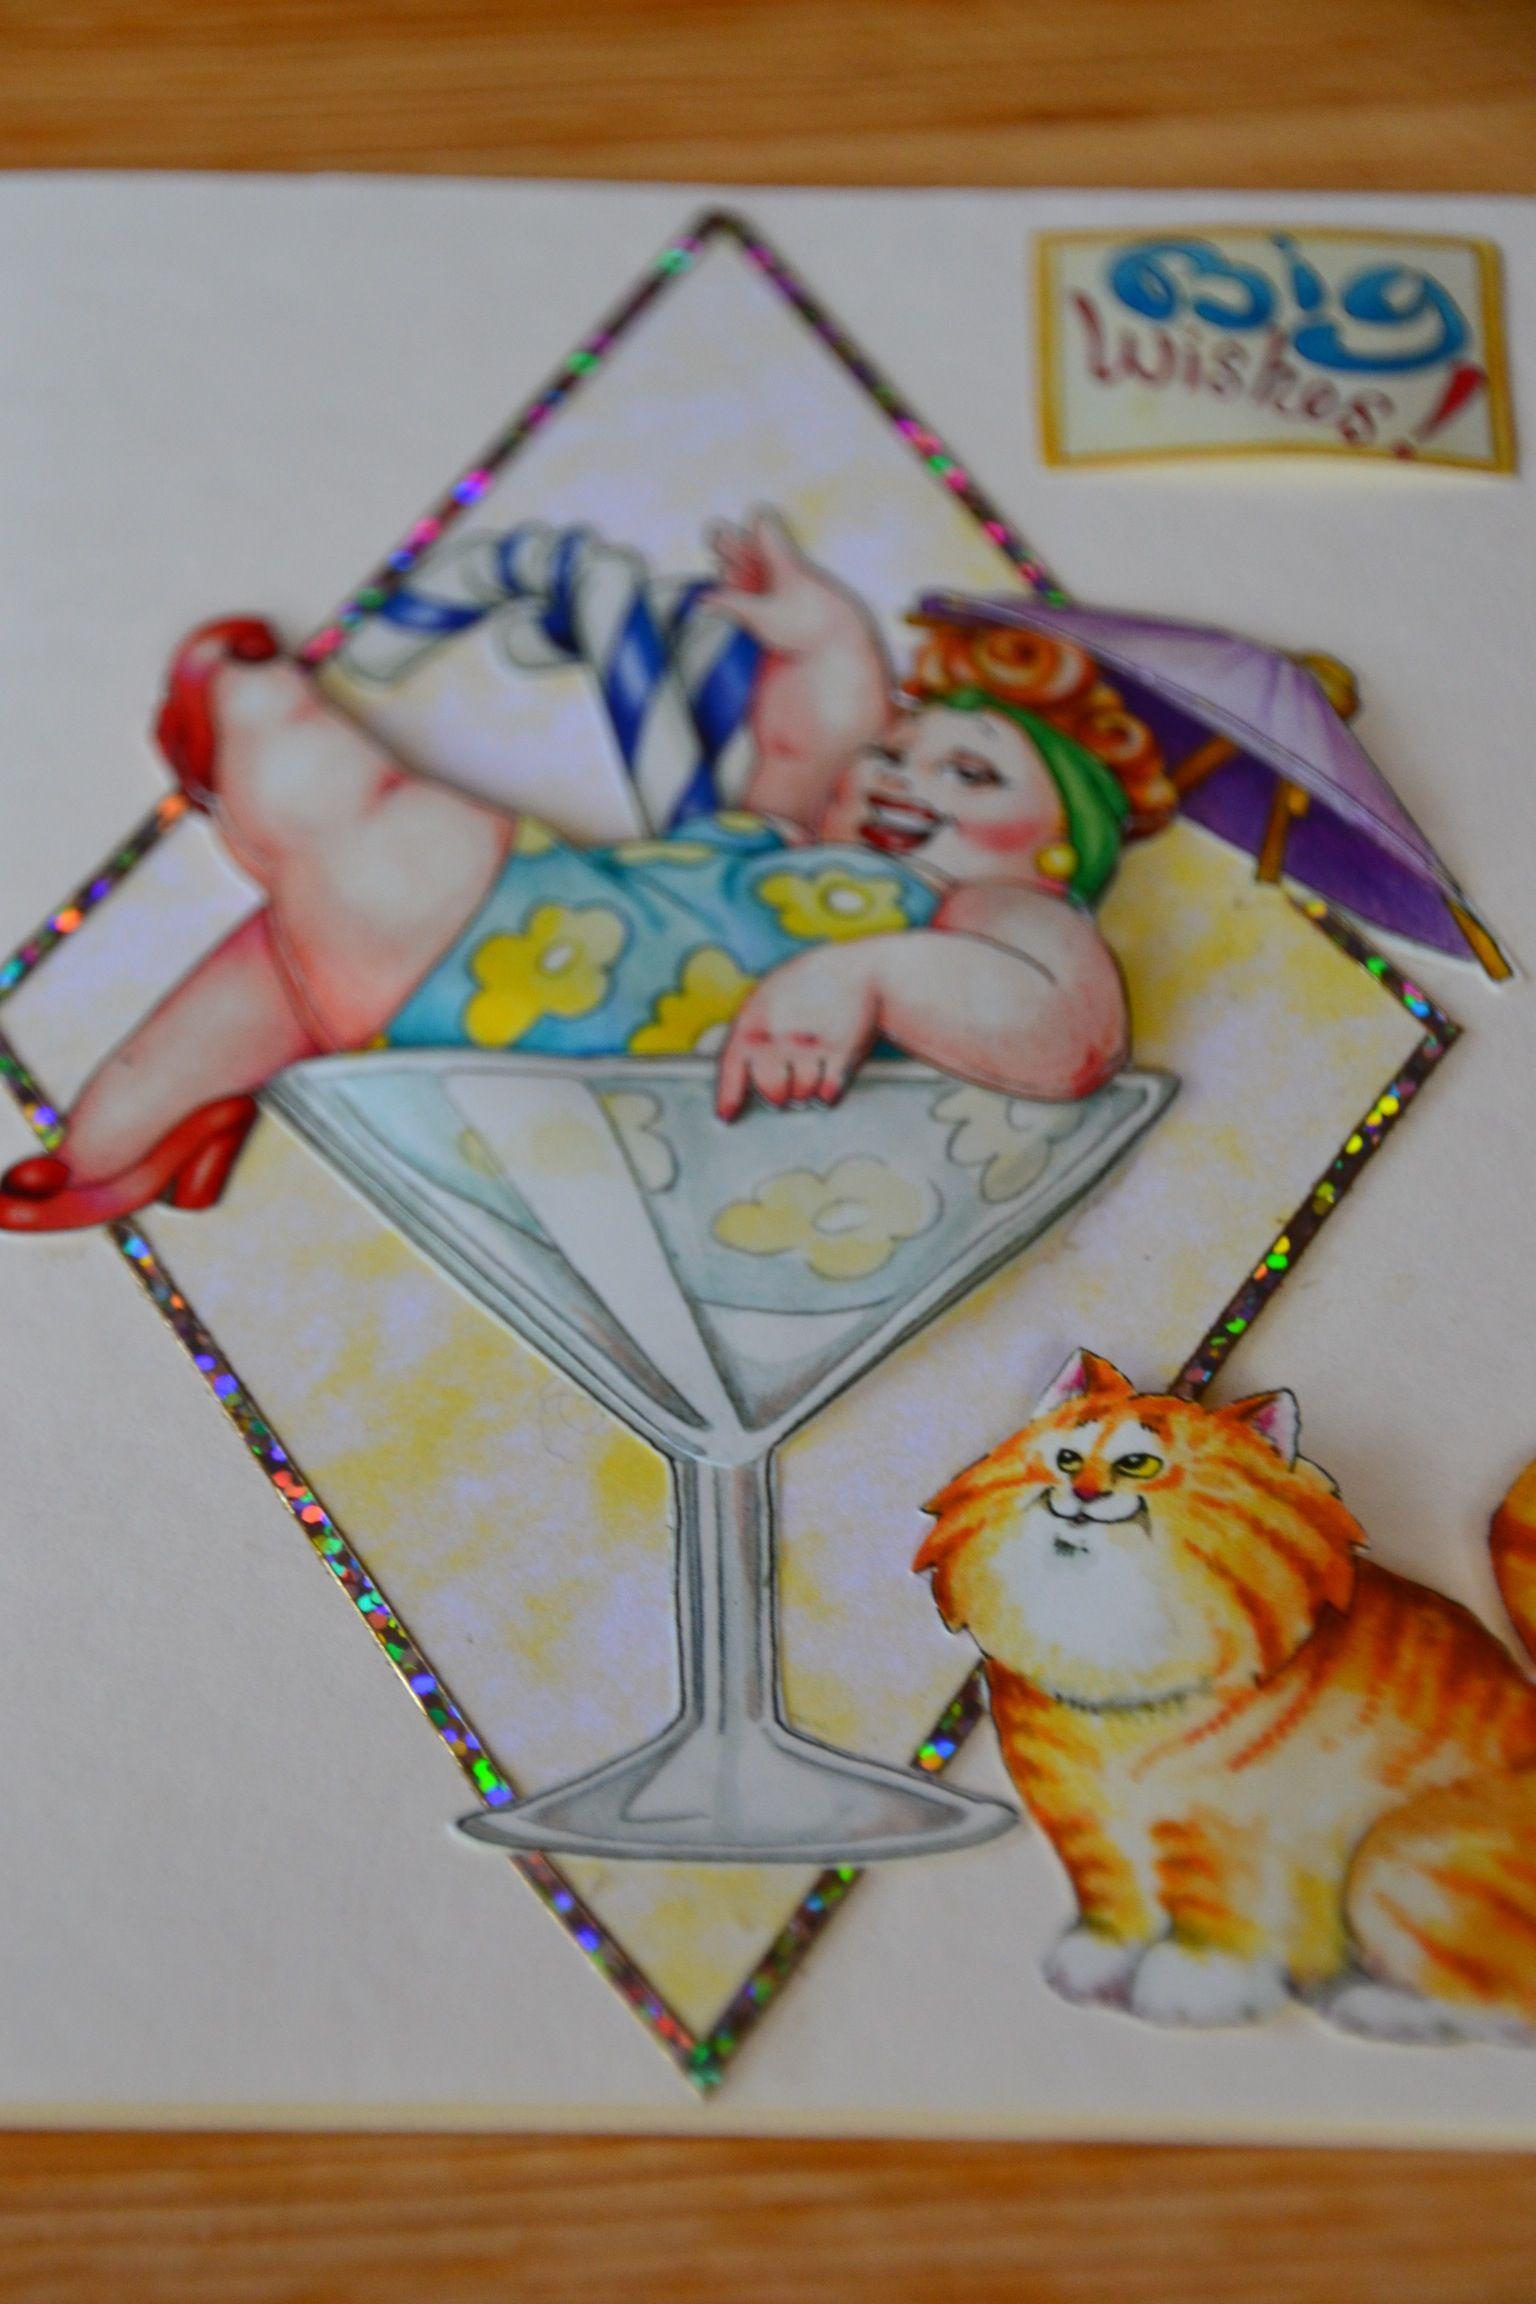 önskningar födelsedag Stora födelsedag önskningar i 3D Cornelia,s | Mina kort | Pinterest önskningar födelsedag